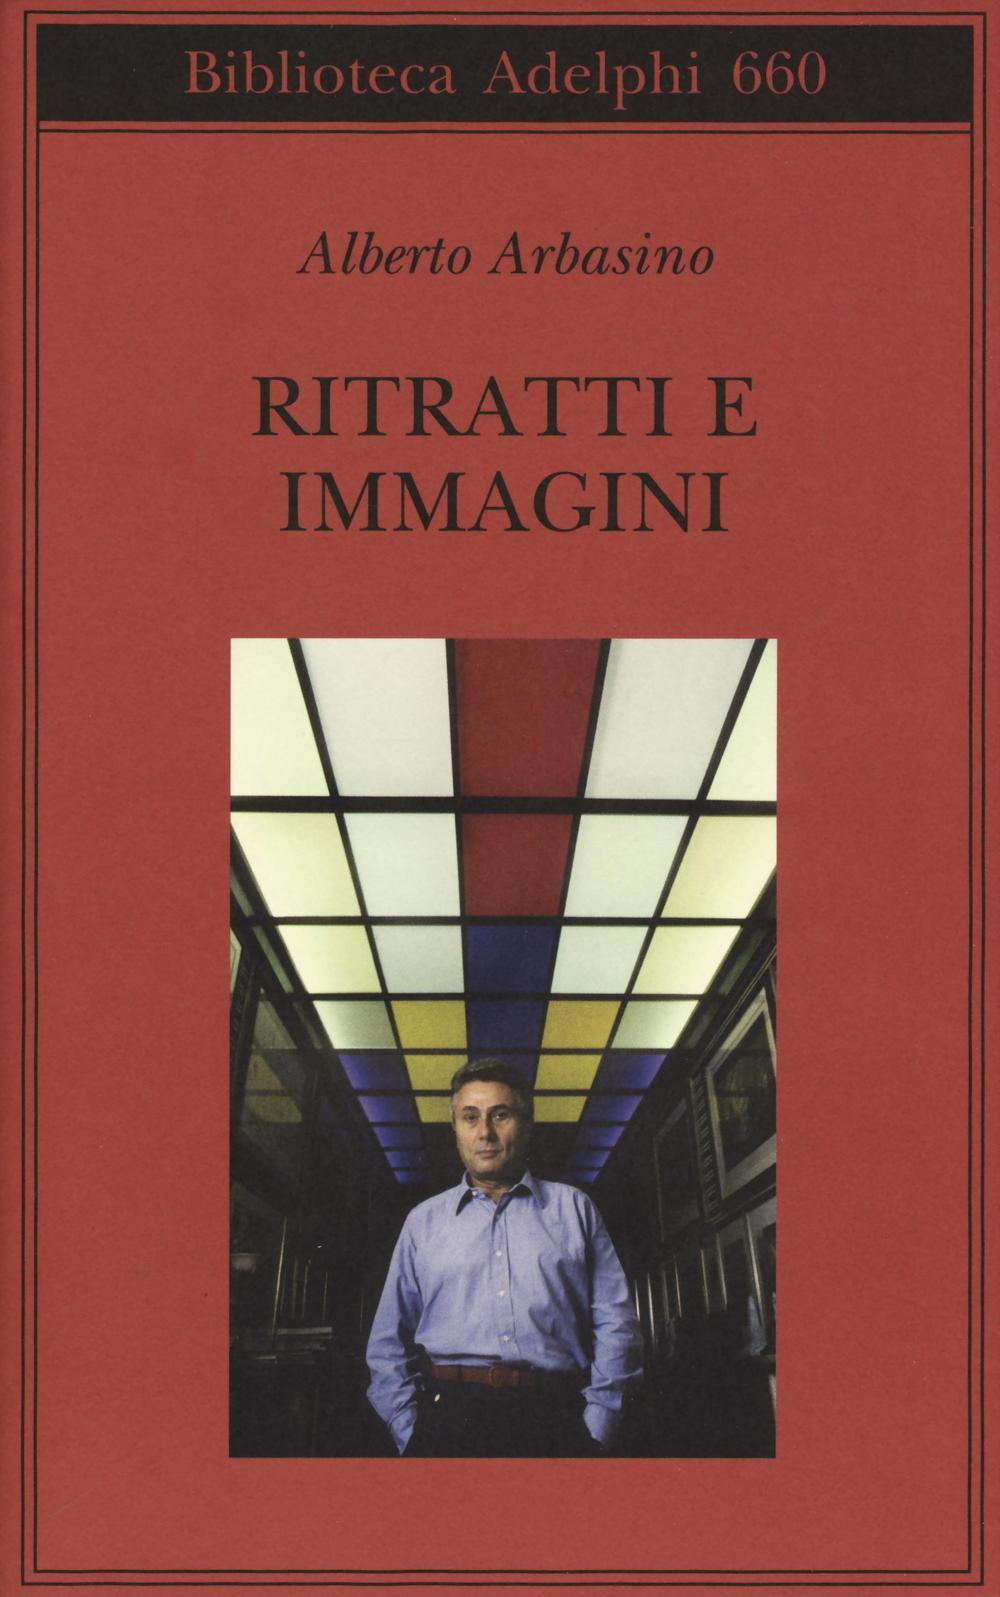 RITRATTI E IMMAGINI - 9788845931222